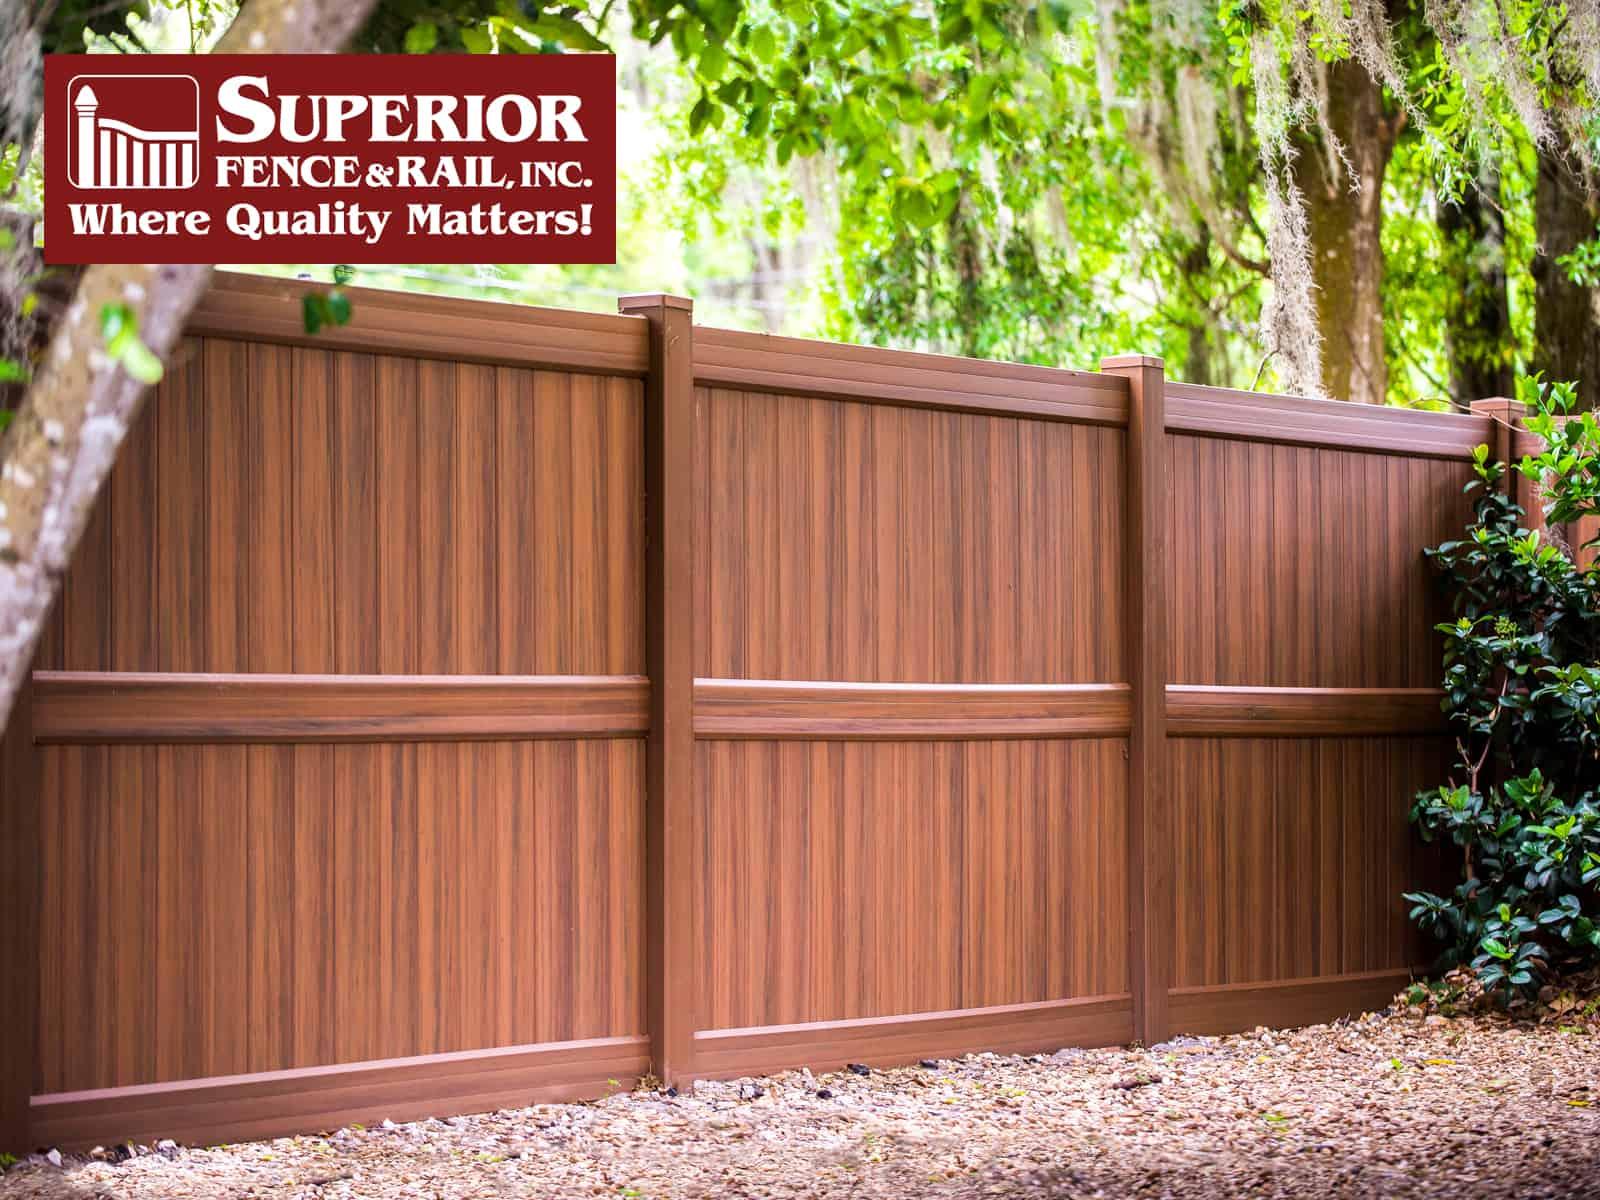 Marietta Fence Company Contractor